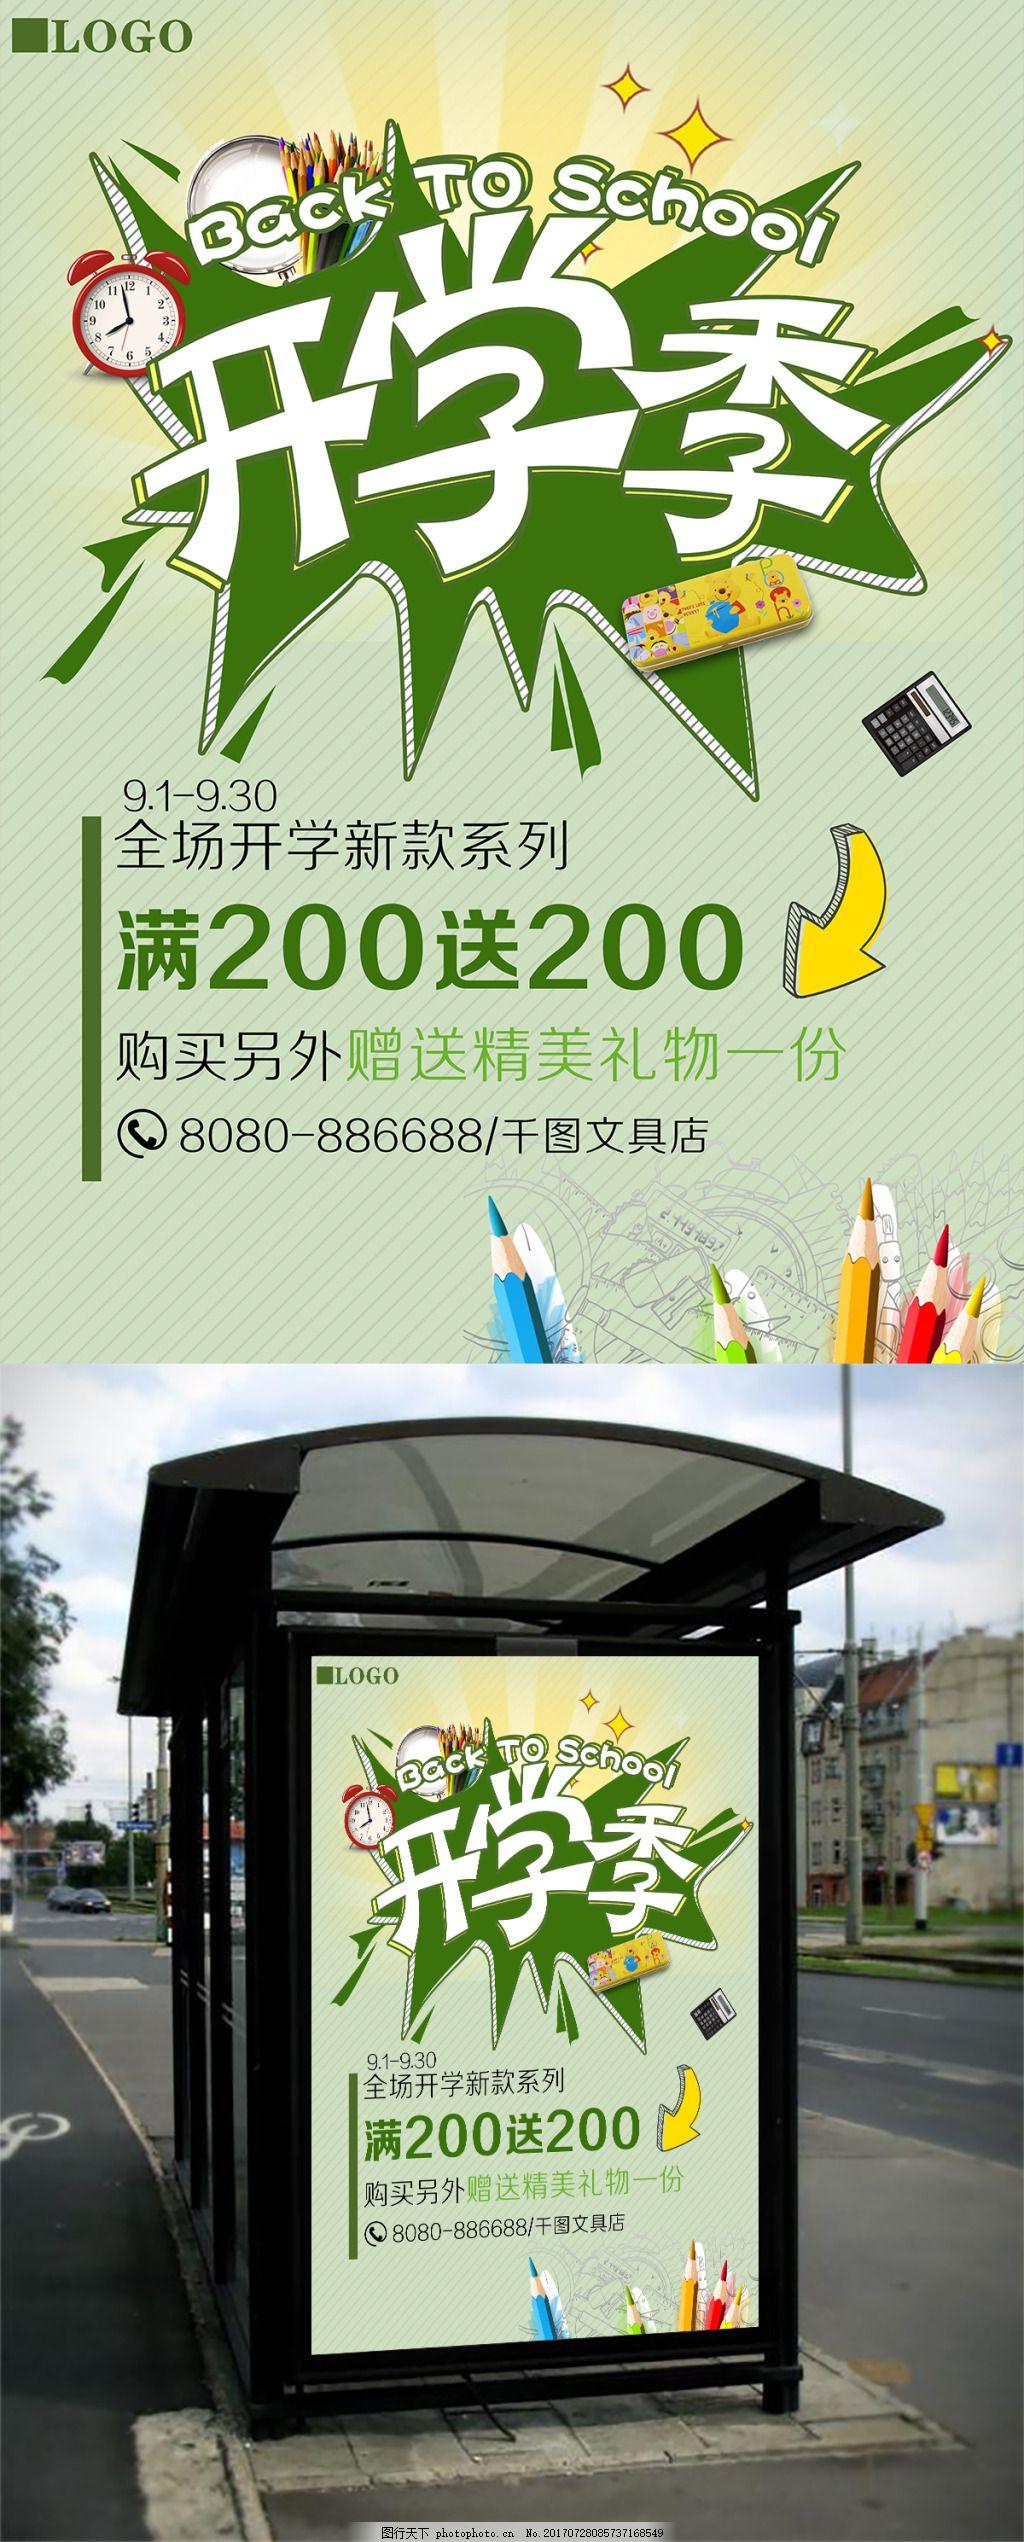 创意开学季促销海报 系列 文具 满减 九月 绿色 学校 礼物